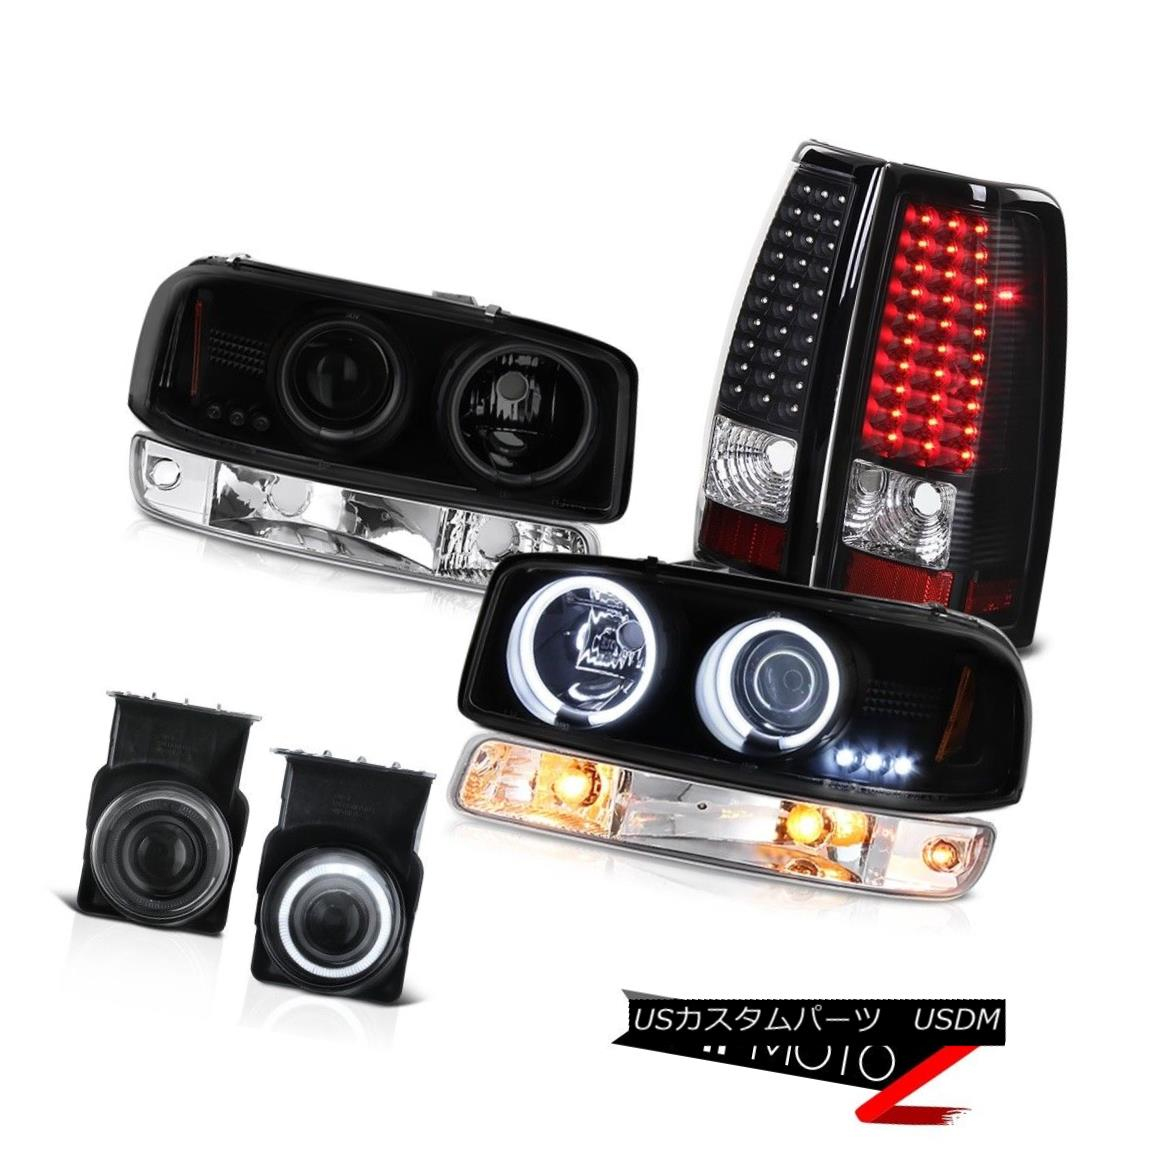 テールライト 2003-2006 Sierra SLT Foglights black led taillights parking light headlamps LED 2003-2006シエラSLTフォグライトブラックledテールライトパーキングライトヘッドランプLED